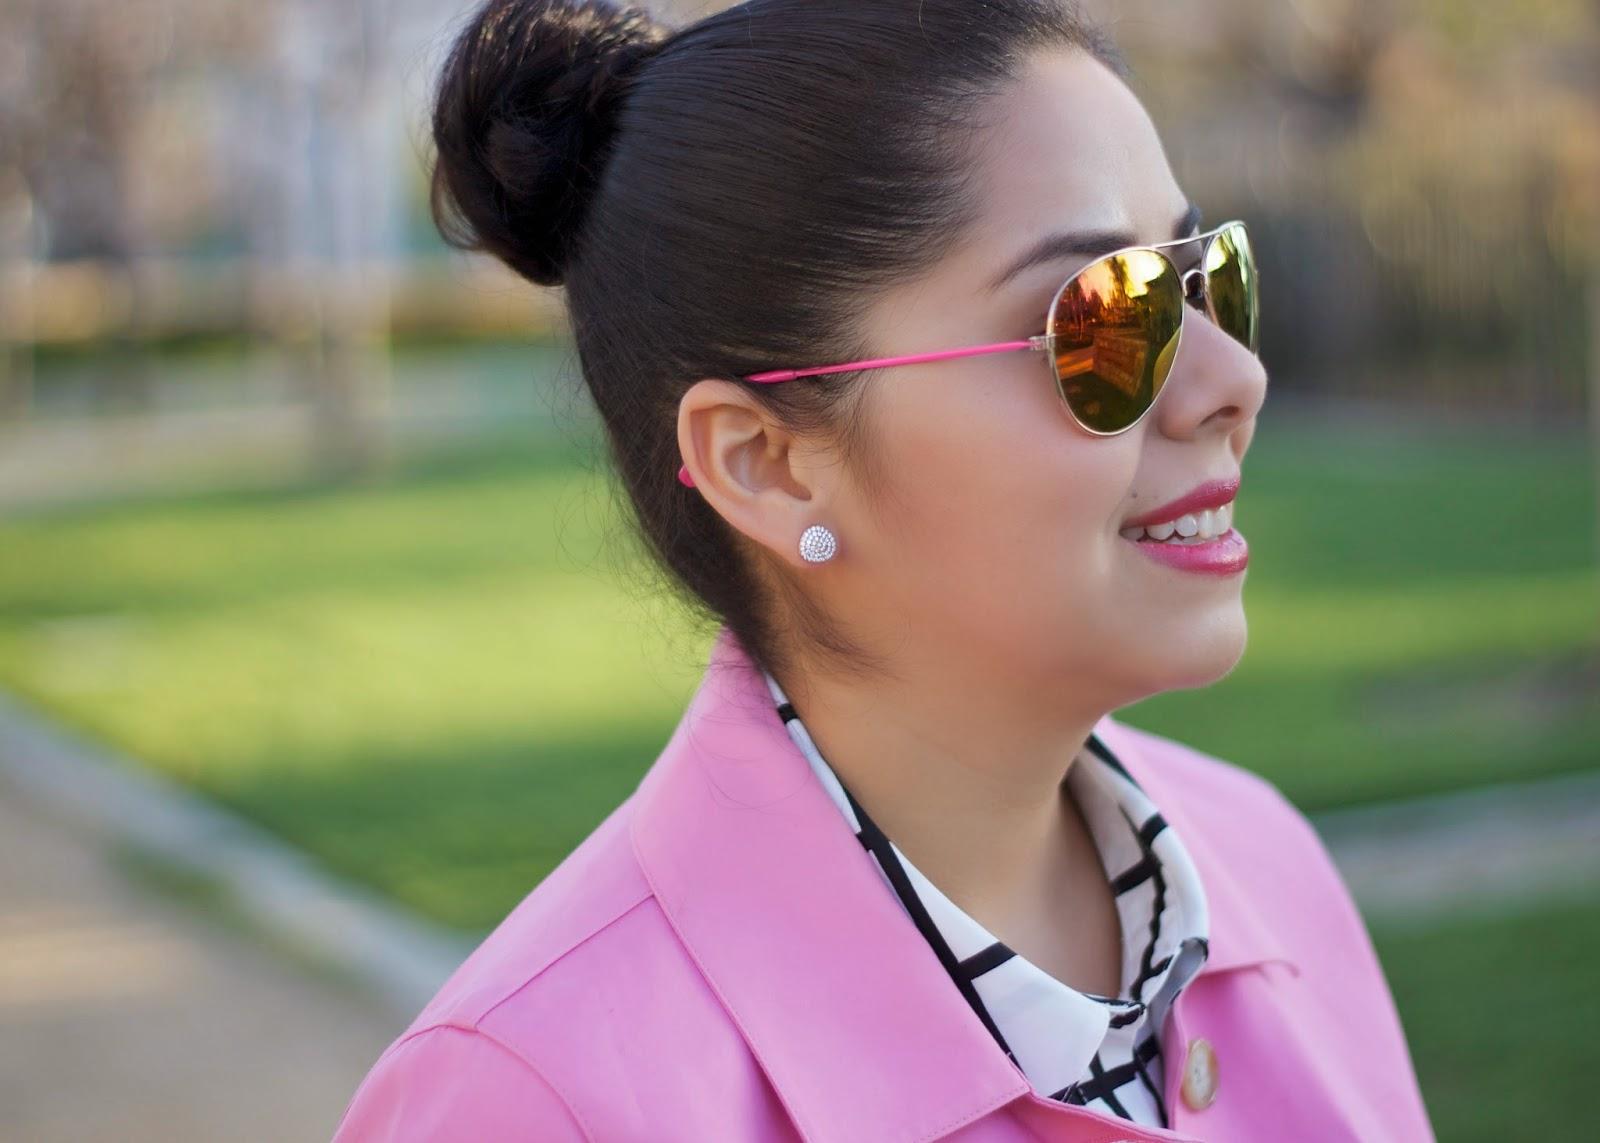 ASJewelry earrings, forever21 pink sunglasses